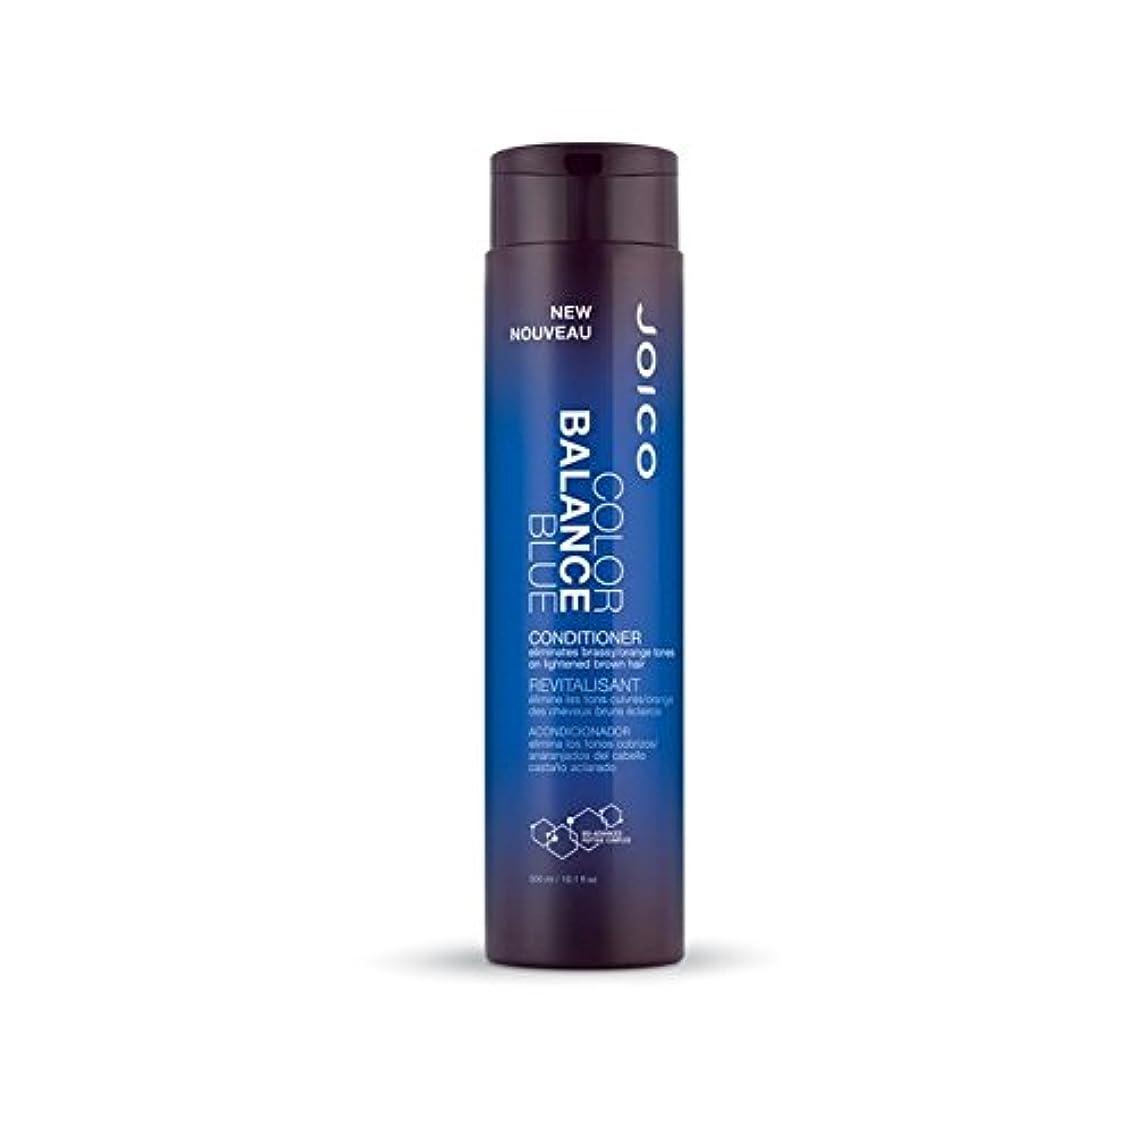 干ばつ稼ぐしてはいけないJoico Color Balance Blue Conditioner 300ml - ジョイコカラーバランスブルーコンディショナー300ミリリットル [並行輸入品]